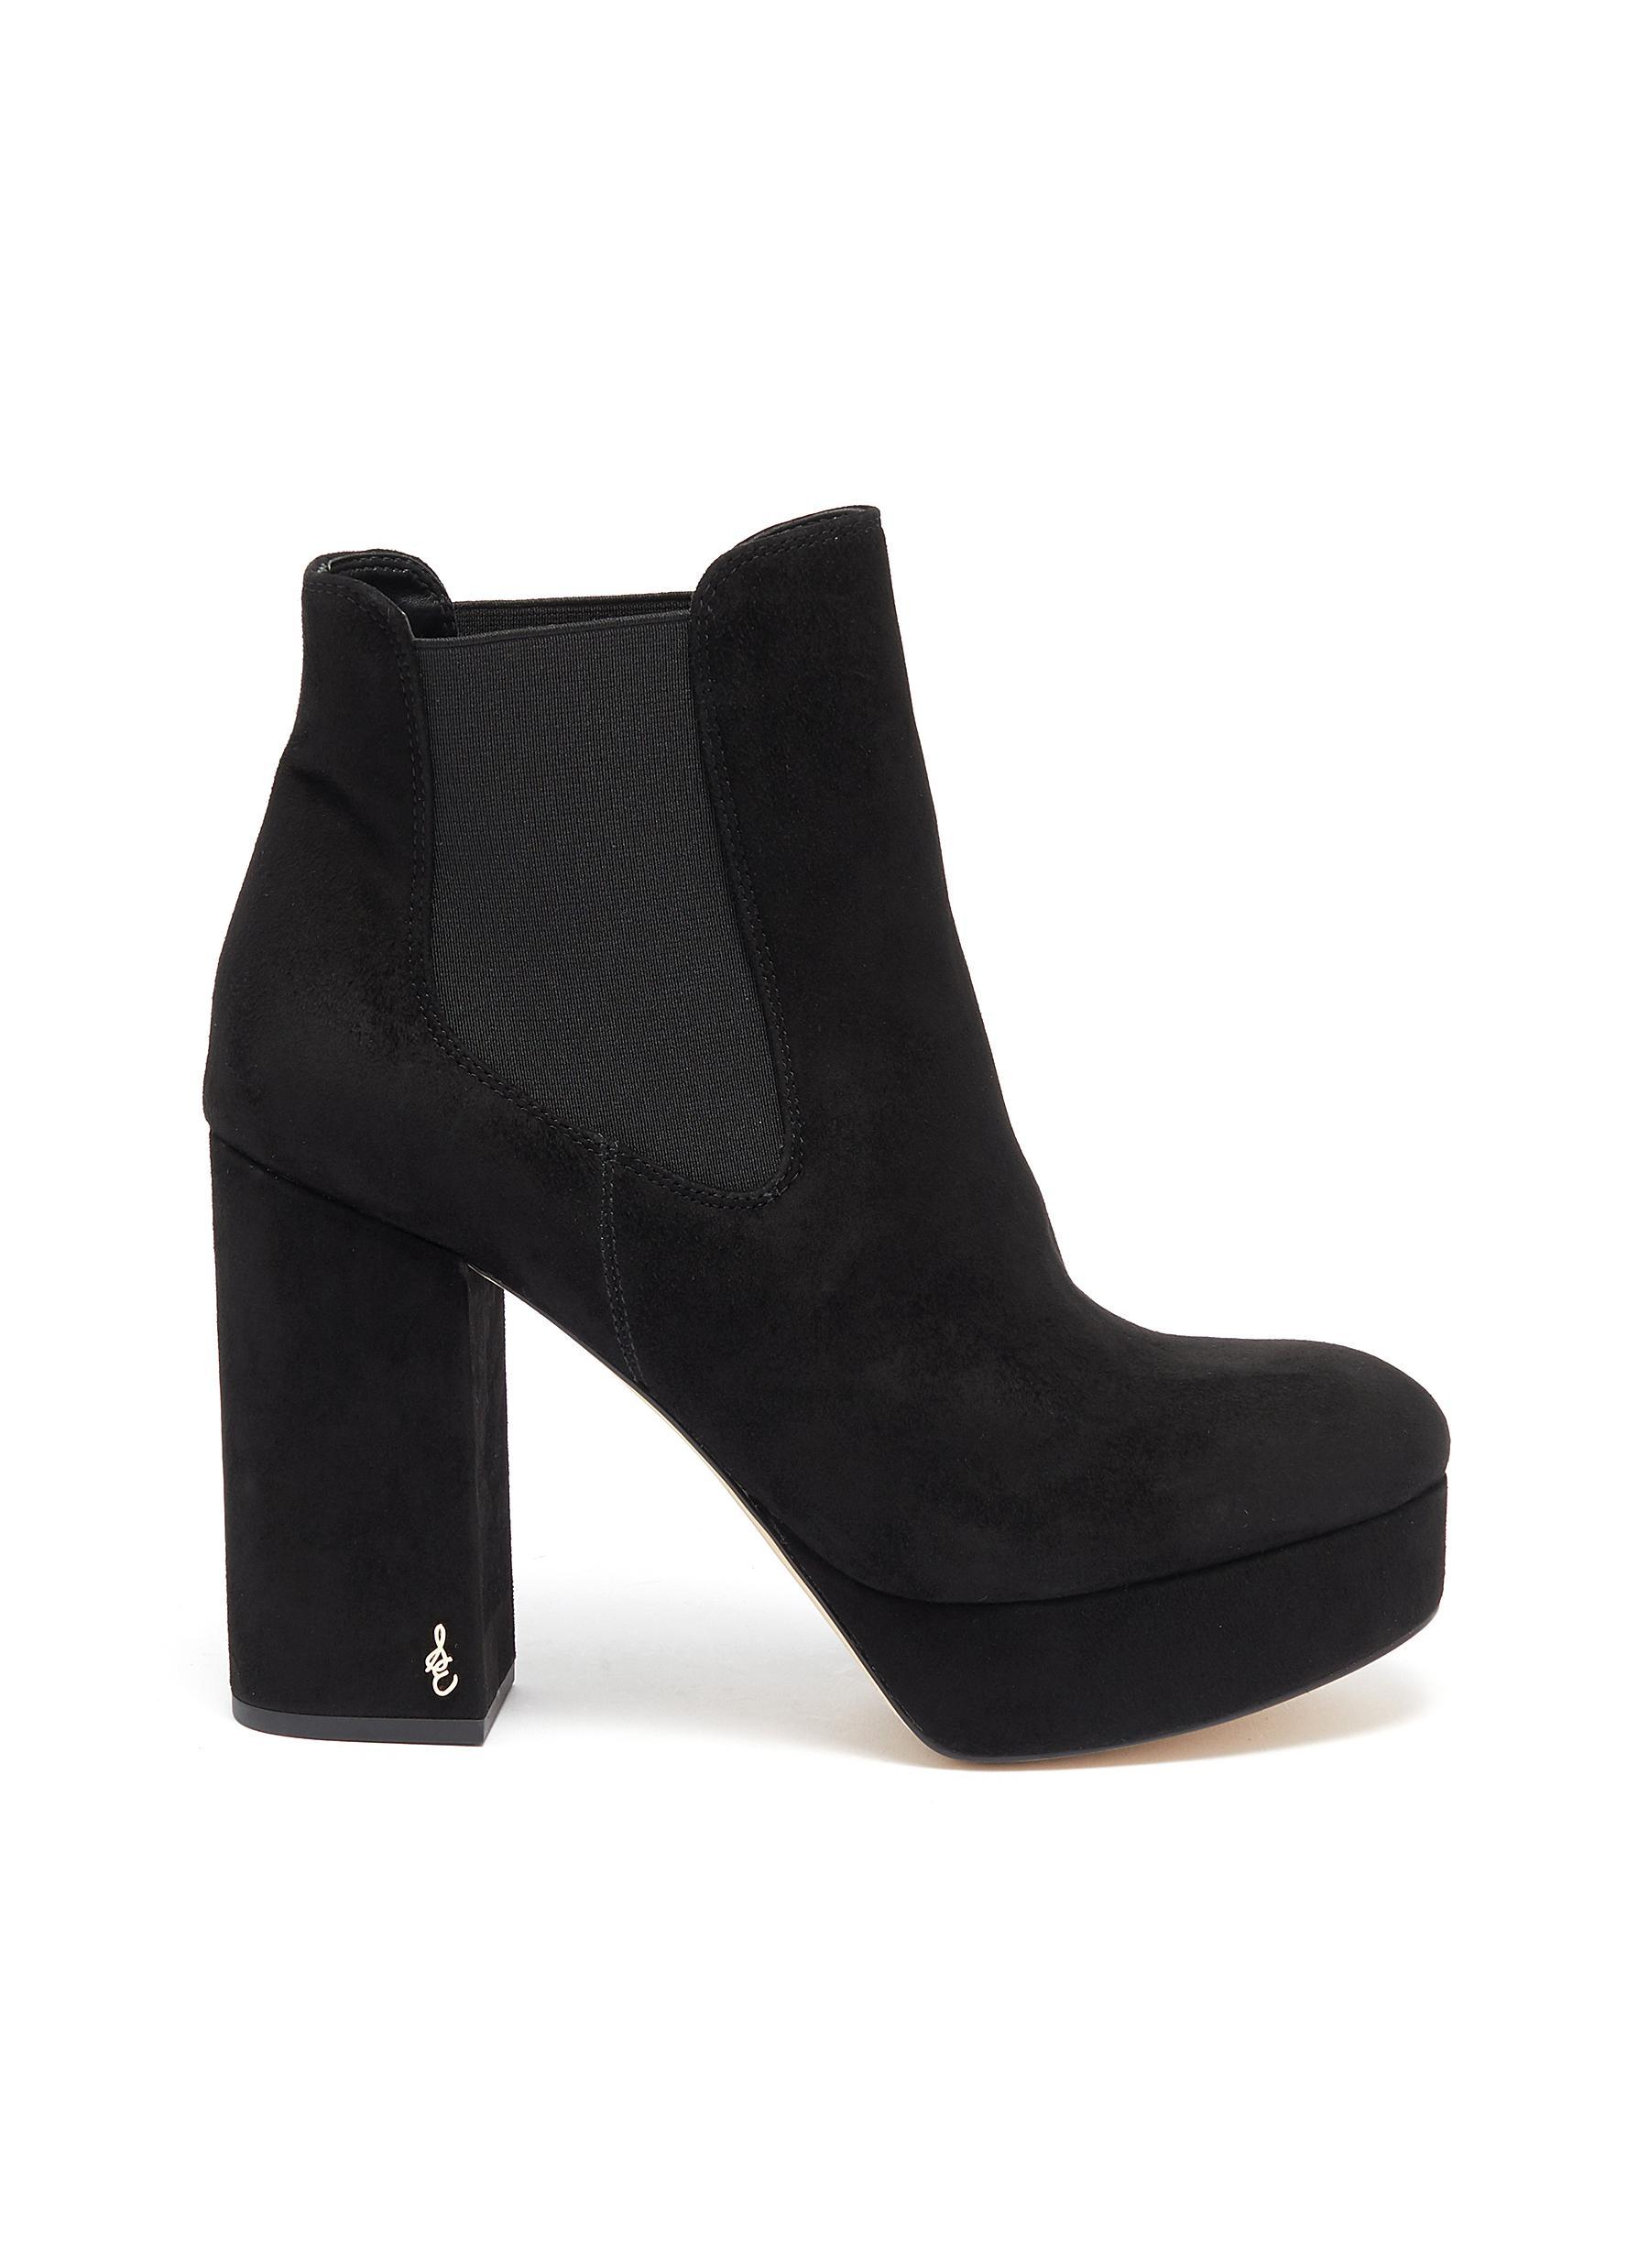 Abella suede platform boots by Sam Edelman